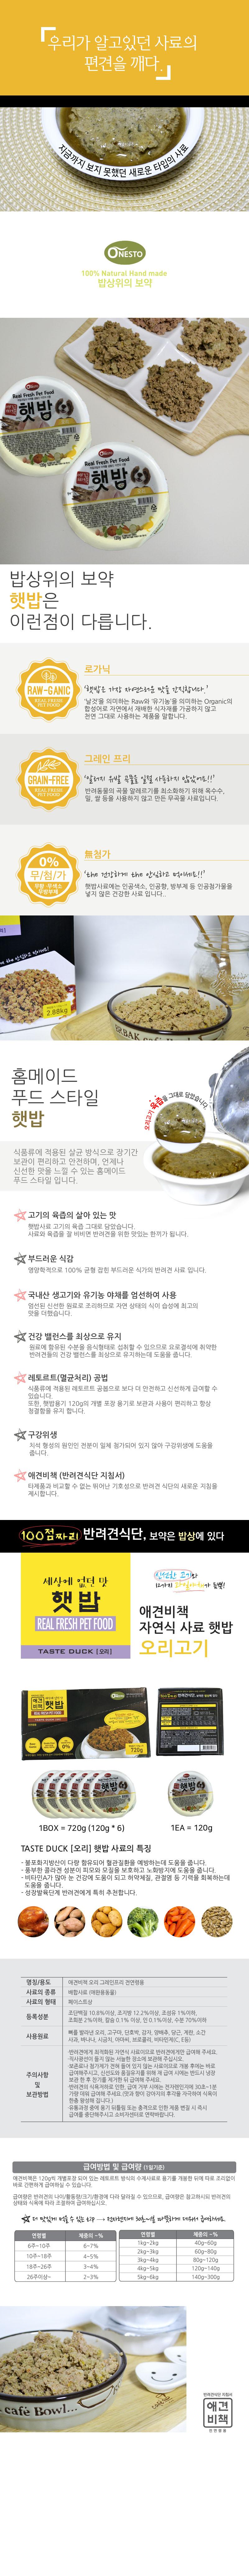 햇밥(오리) 상세페이지.jpg